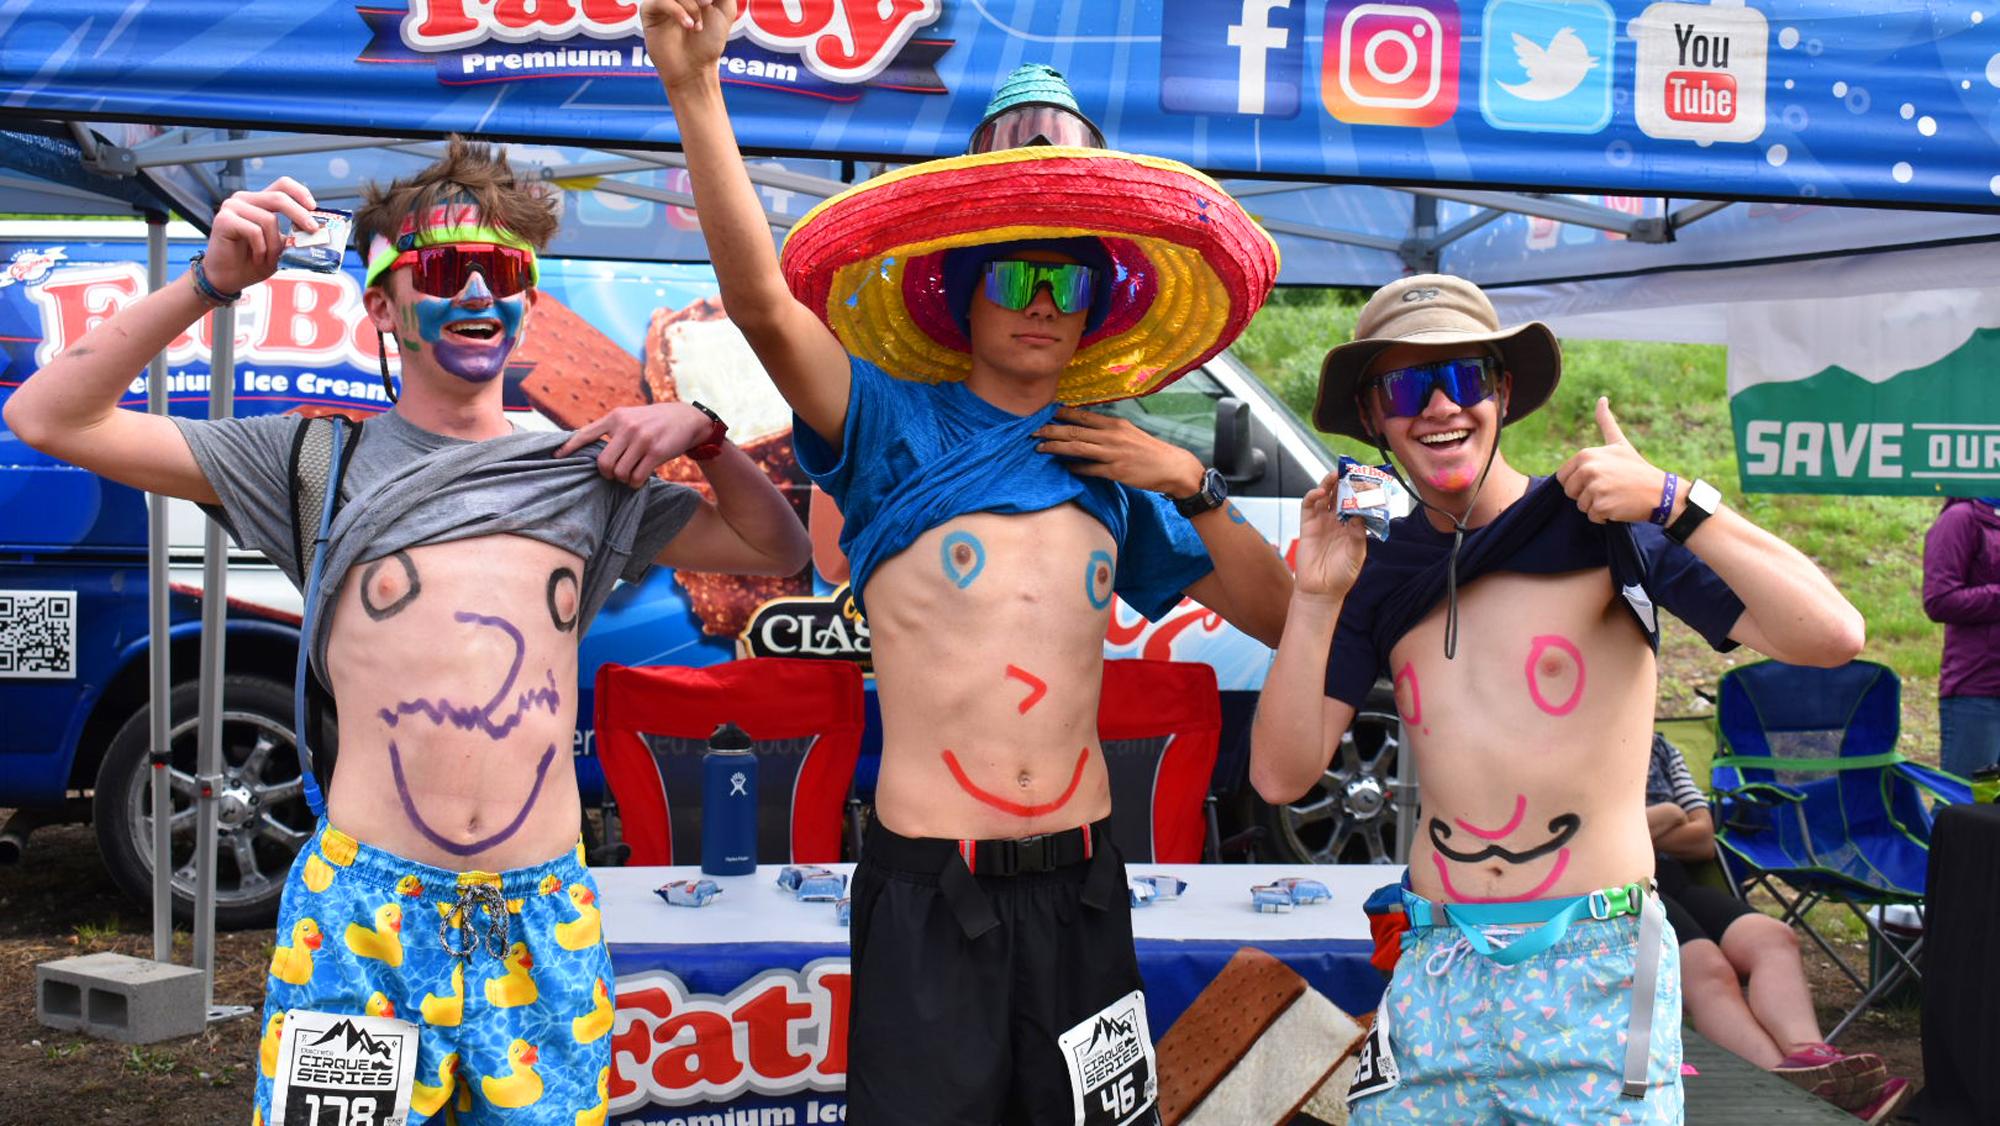 FatBoy Sombreros